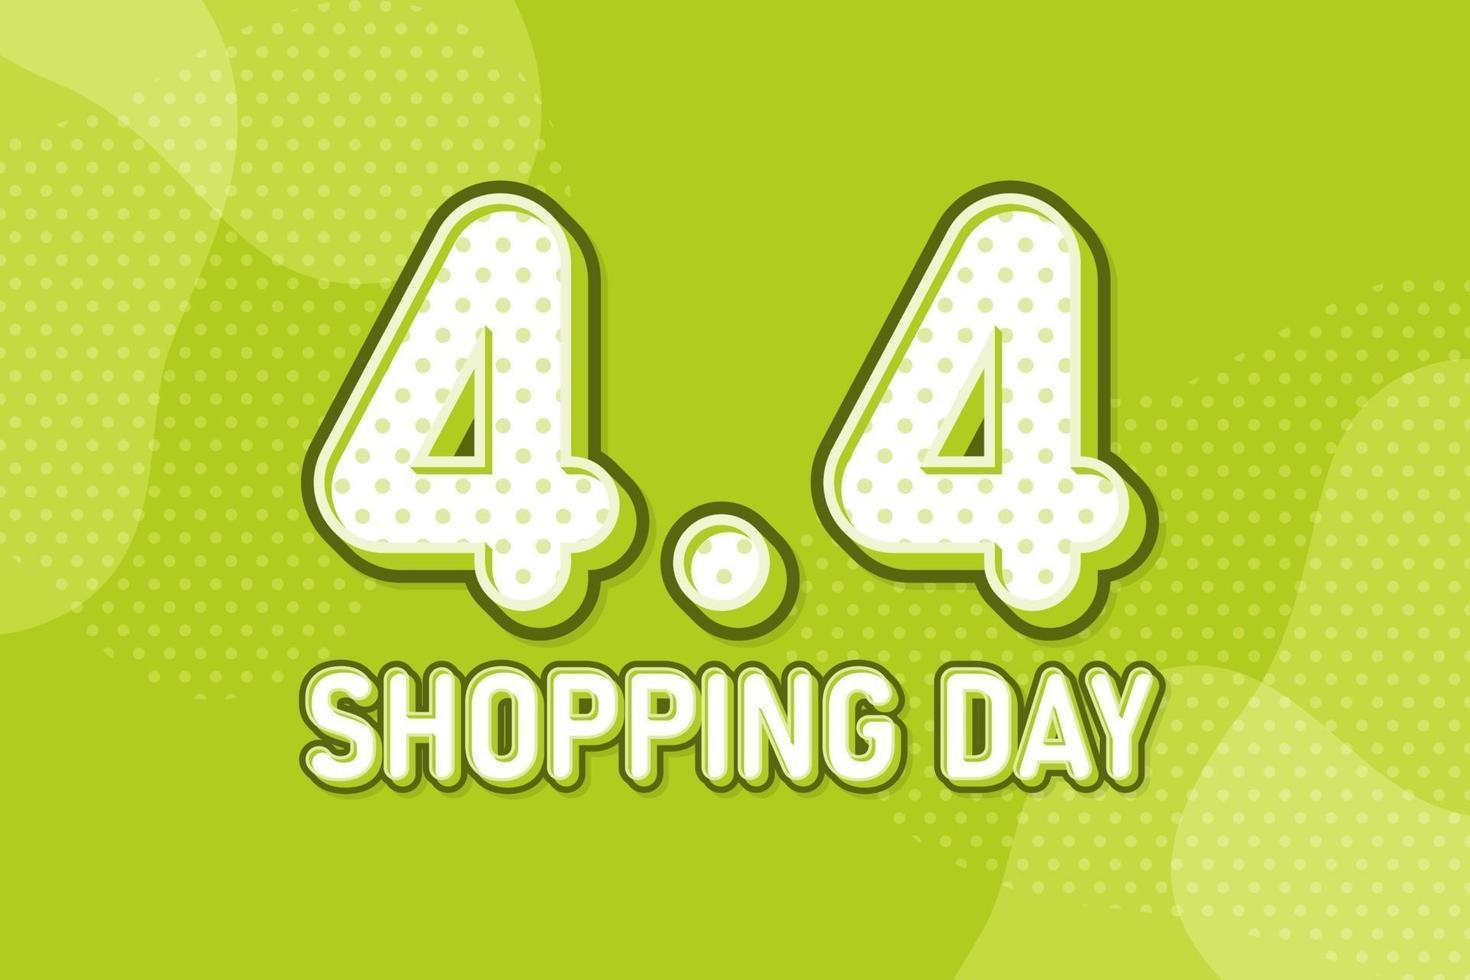 4.4 día de compras, banner de marketing de texto. diseño de discurso de arte pop en colores pastel. ilustración vectorial vector